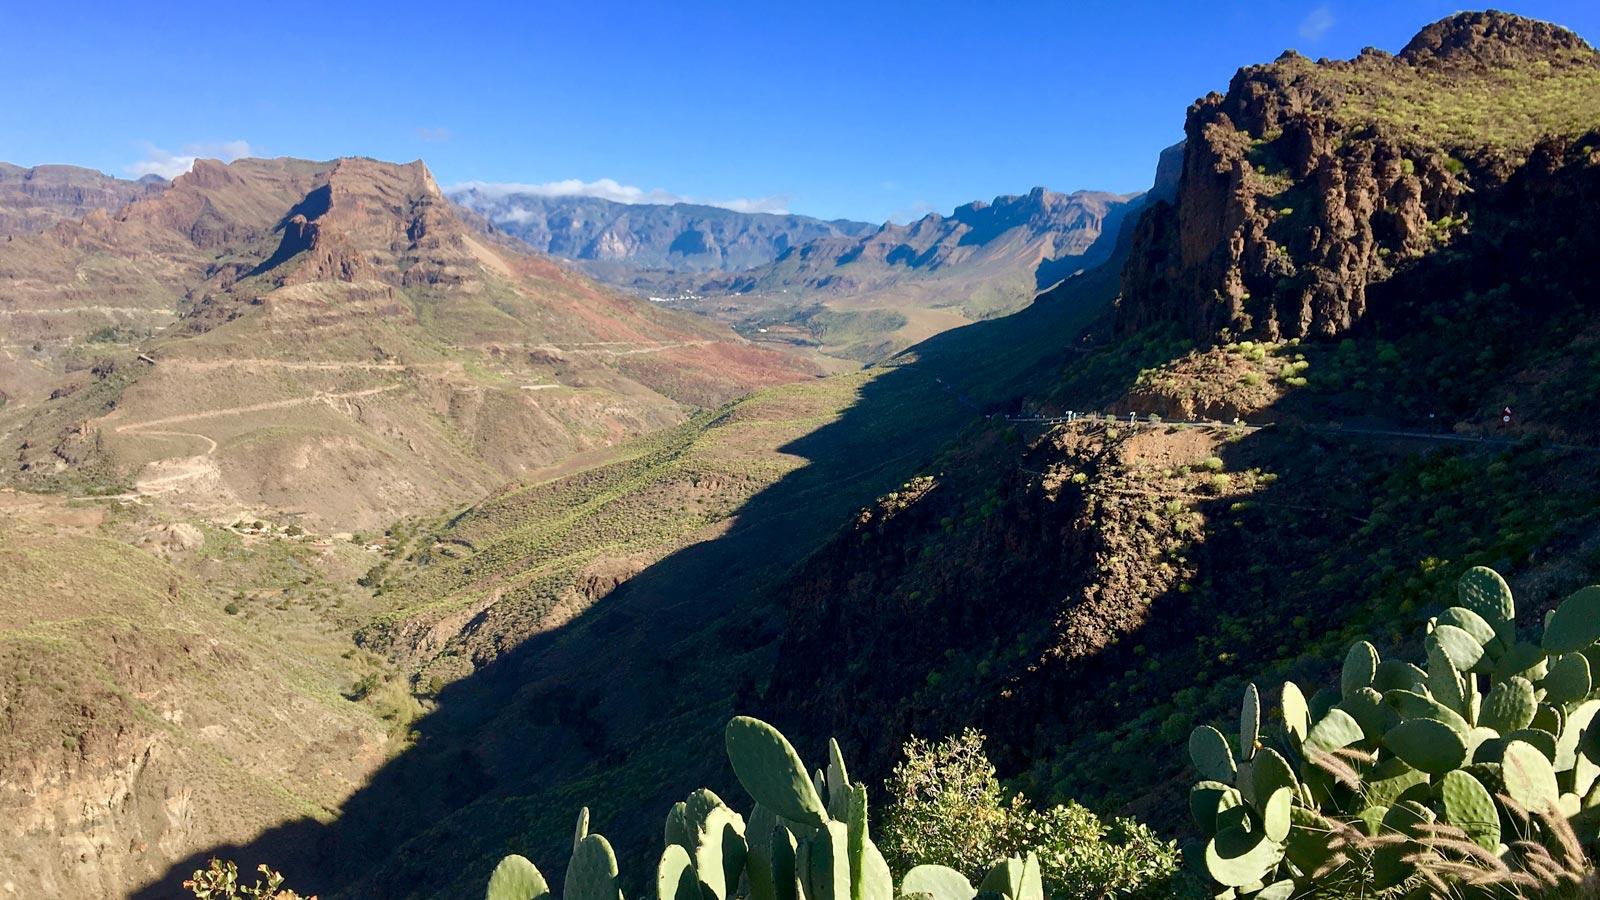 Rennradreise Gran Canaria - 6 geführte Touren in bis zu drei Stärkeklassen - Highlight ist der Pico de las Nieves mit grandioser Aussicht bis nach Teneriffa